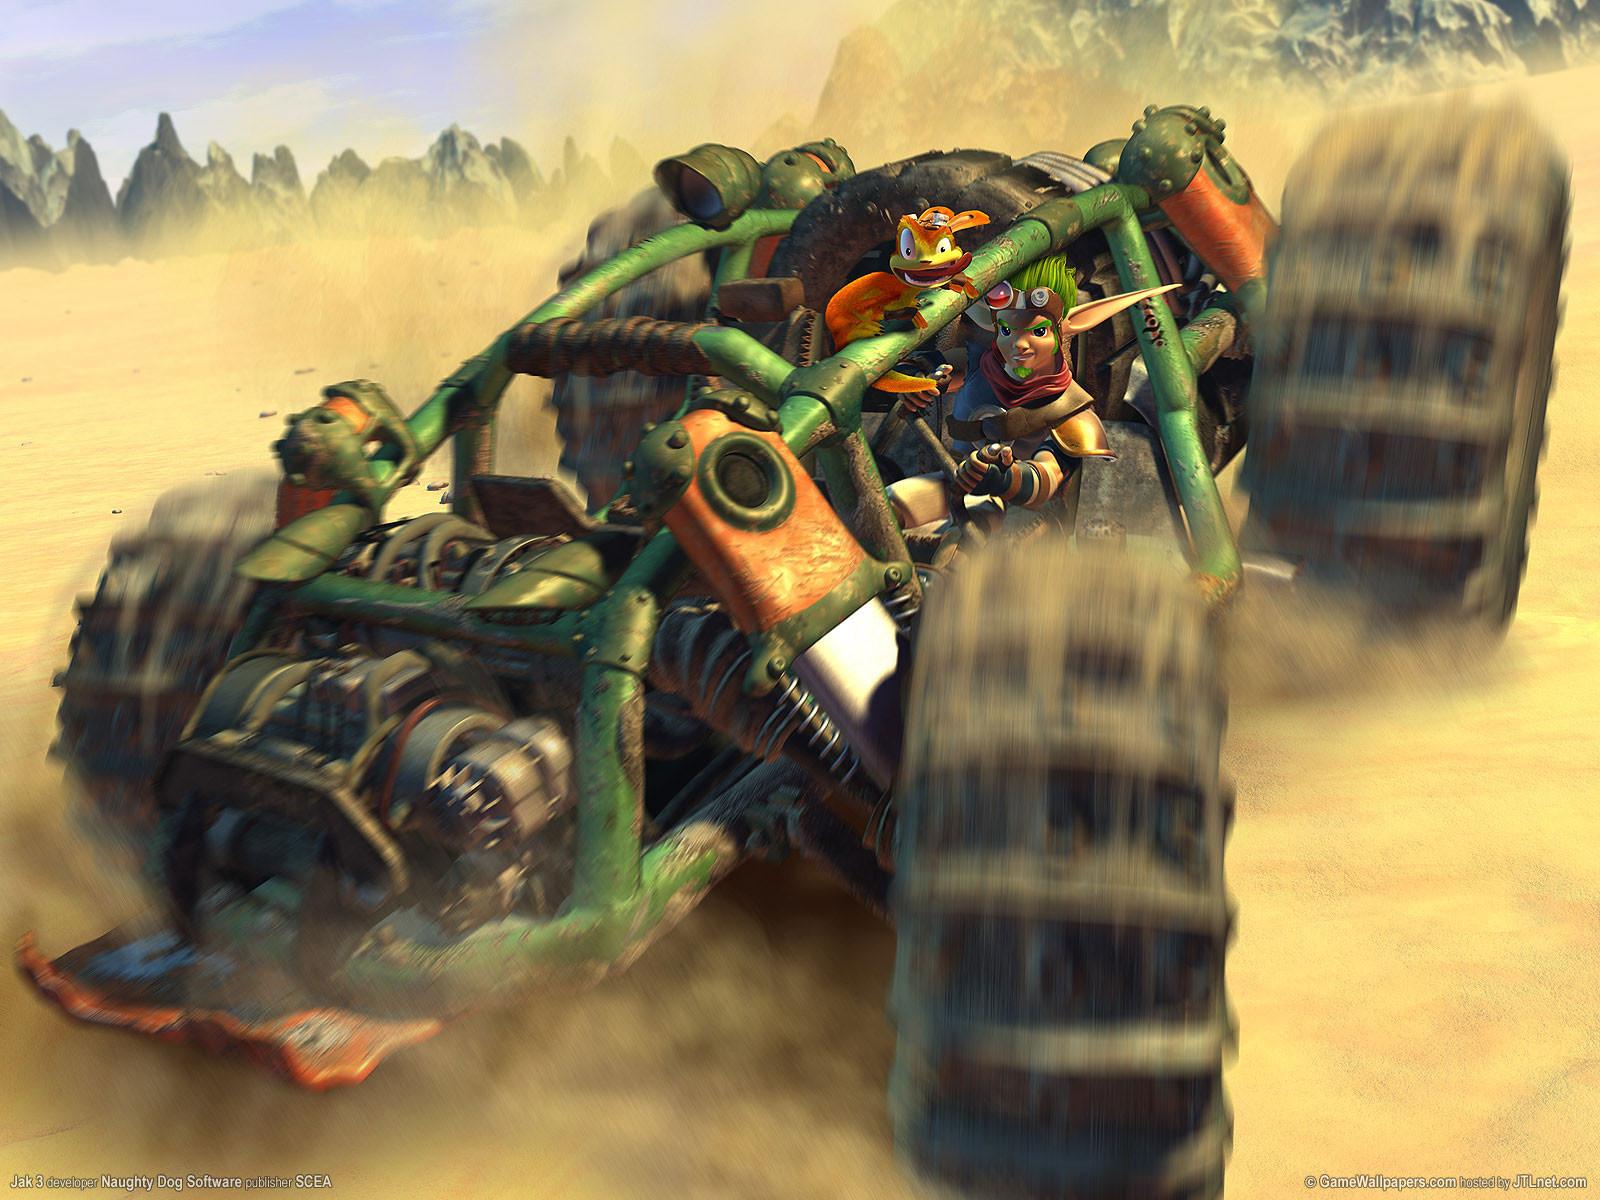 """Mit """"Jak 2"""" für die PS2 verwandelt Naughty Dog das Jump'n'Run-Adventure """"Jak & Daxter"""" 2003 in ein Action-Game: Jak und sein pelziger Sidekick fahren fette Geschütze auf und sind mit urigen Vehikeln in einer """"Mad Max""""-artigen Welt unterwegs."""